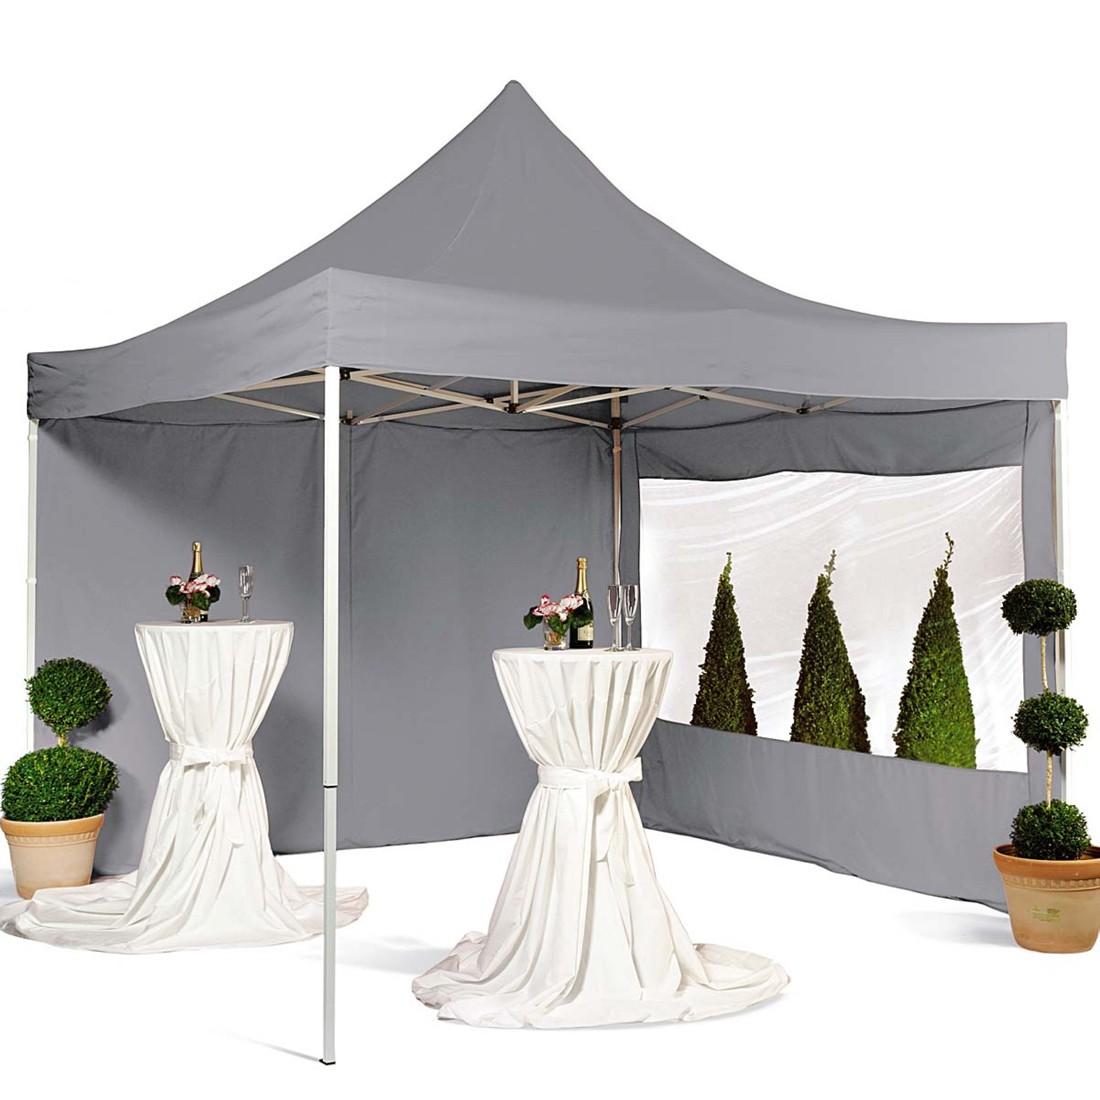 Pavillon 3x3m - Polyester/Eisen - Grau, Pure Day